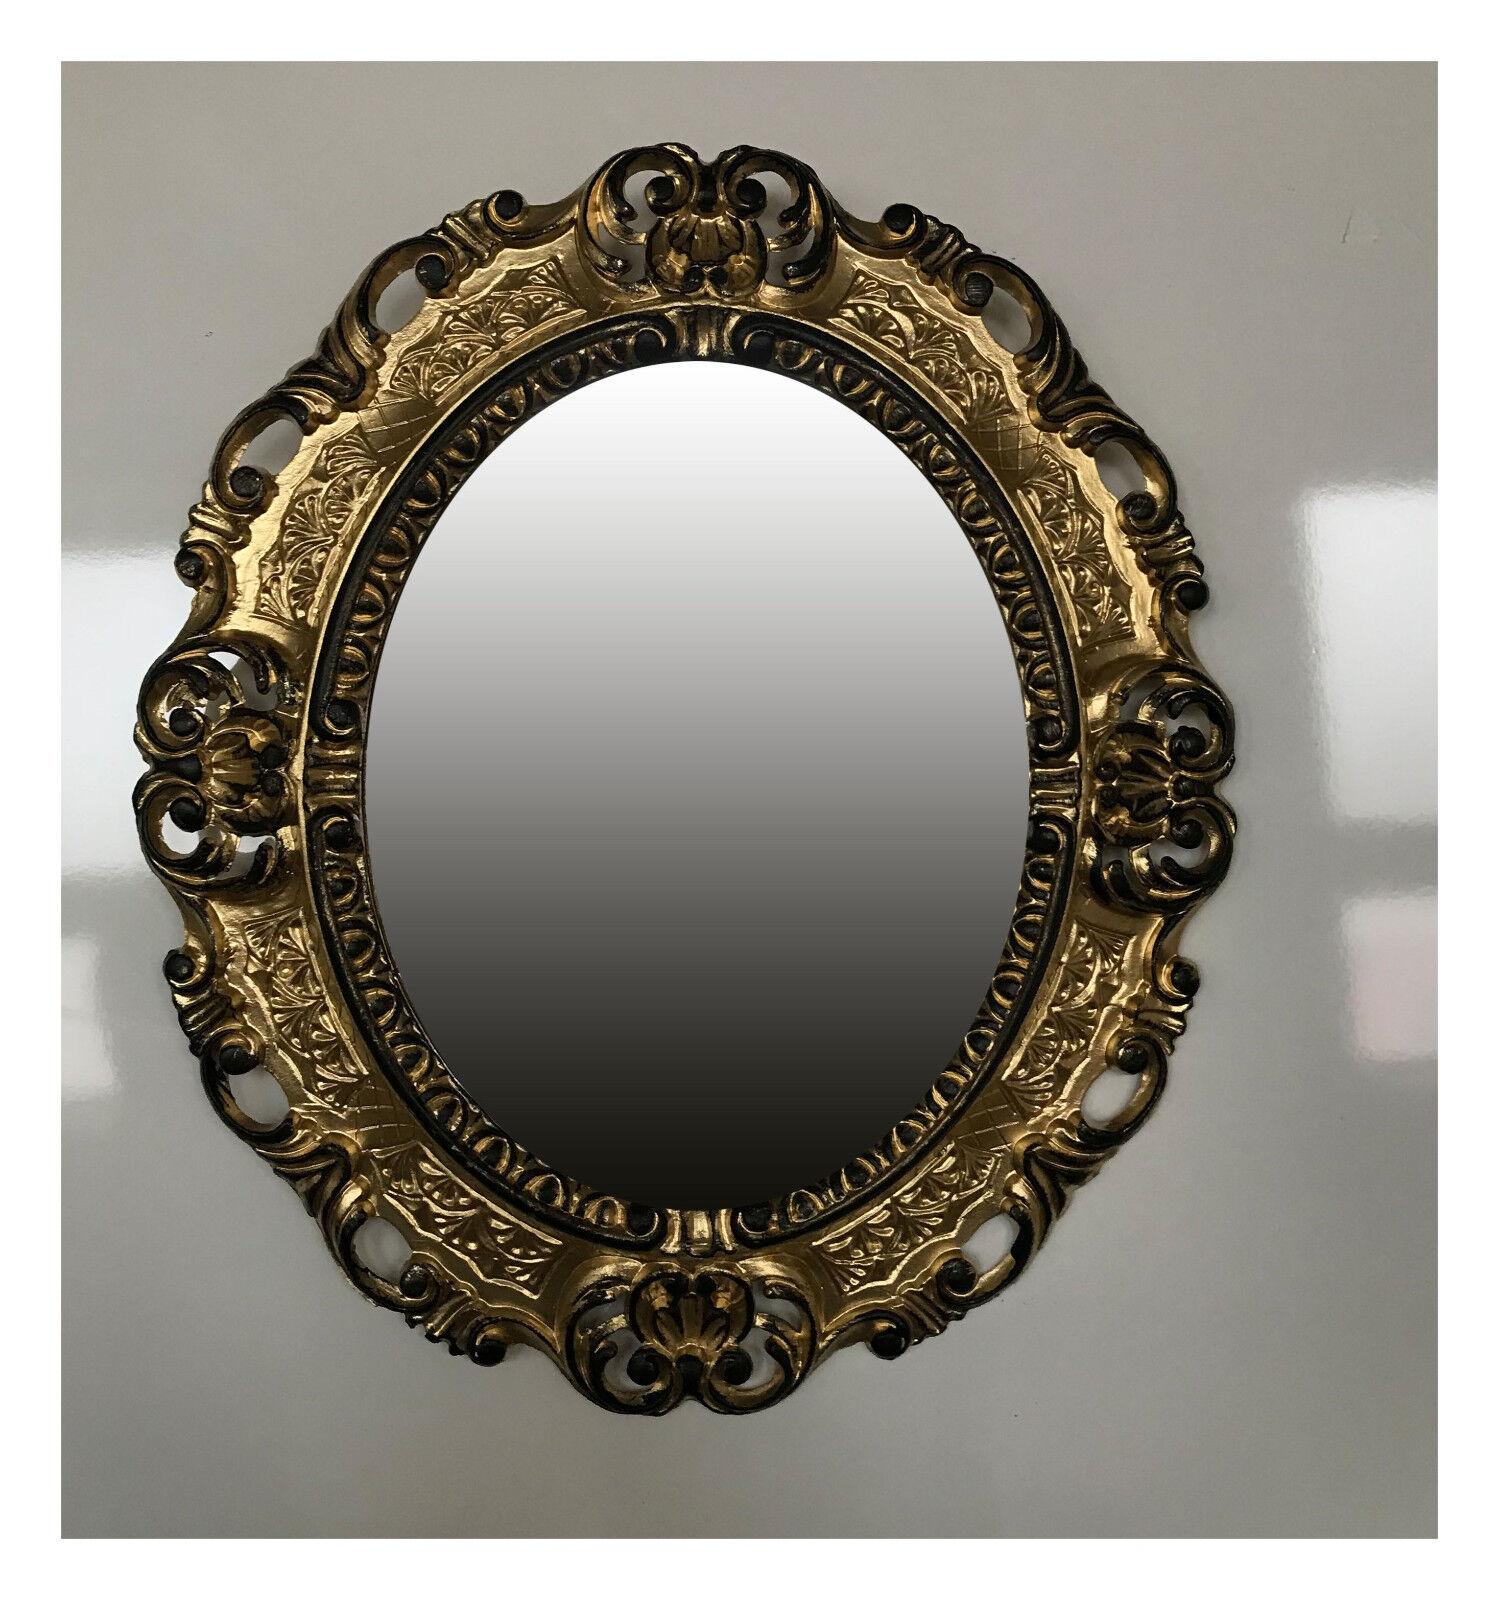 Ungewöhnlich Oval Bilderrahmen 5x7 Bilder - Benutzerdefinierte ...